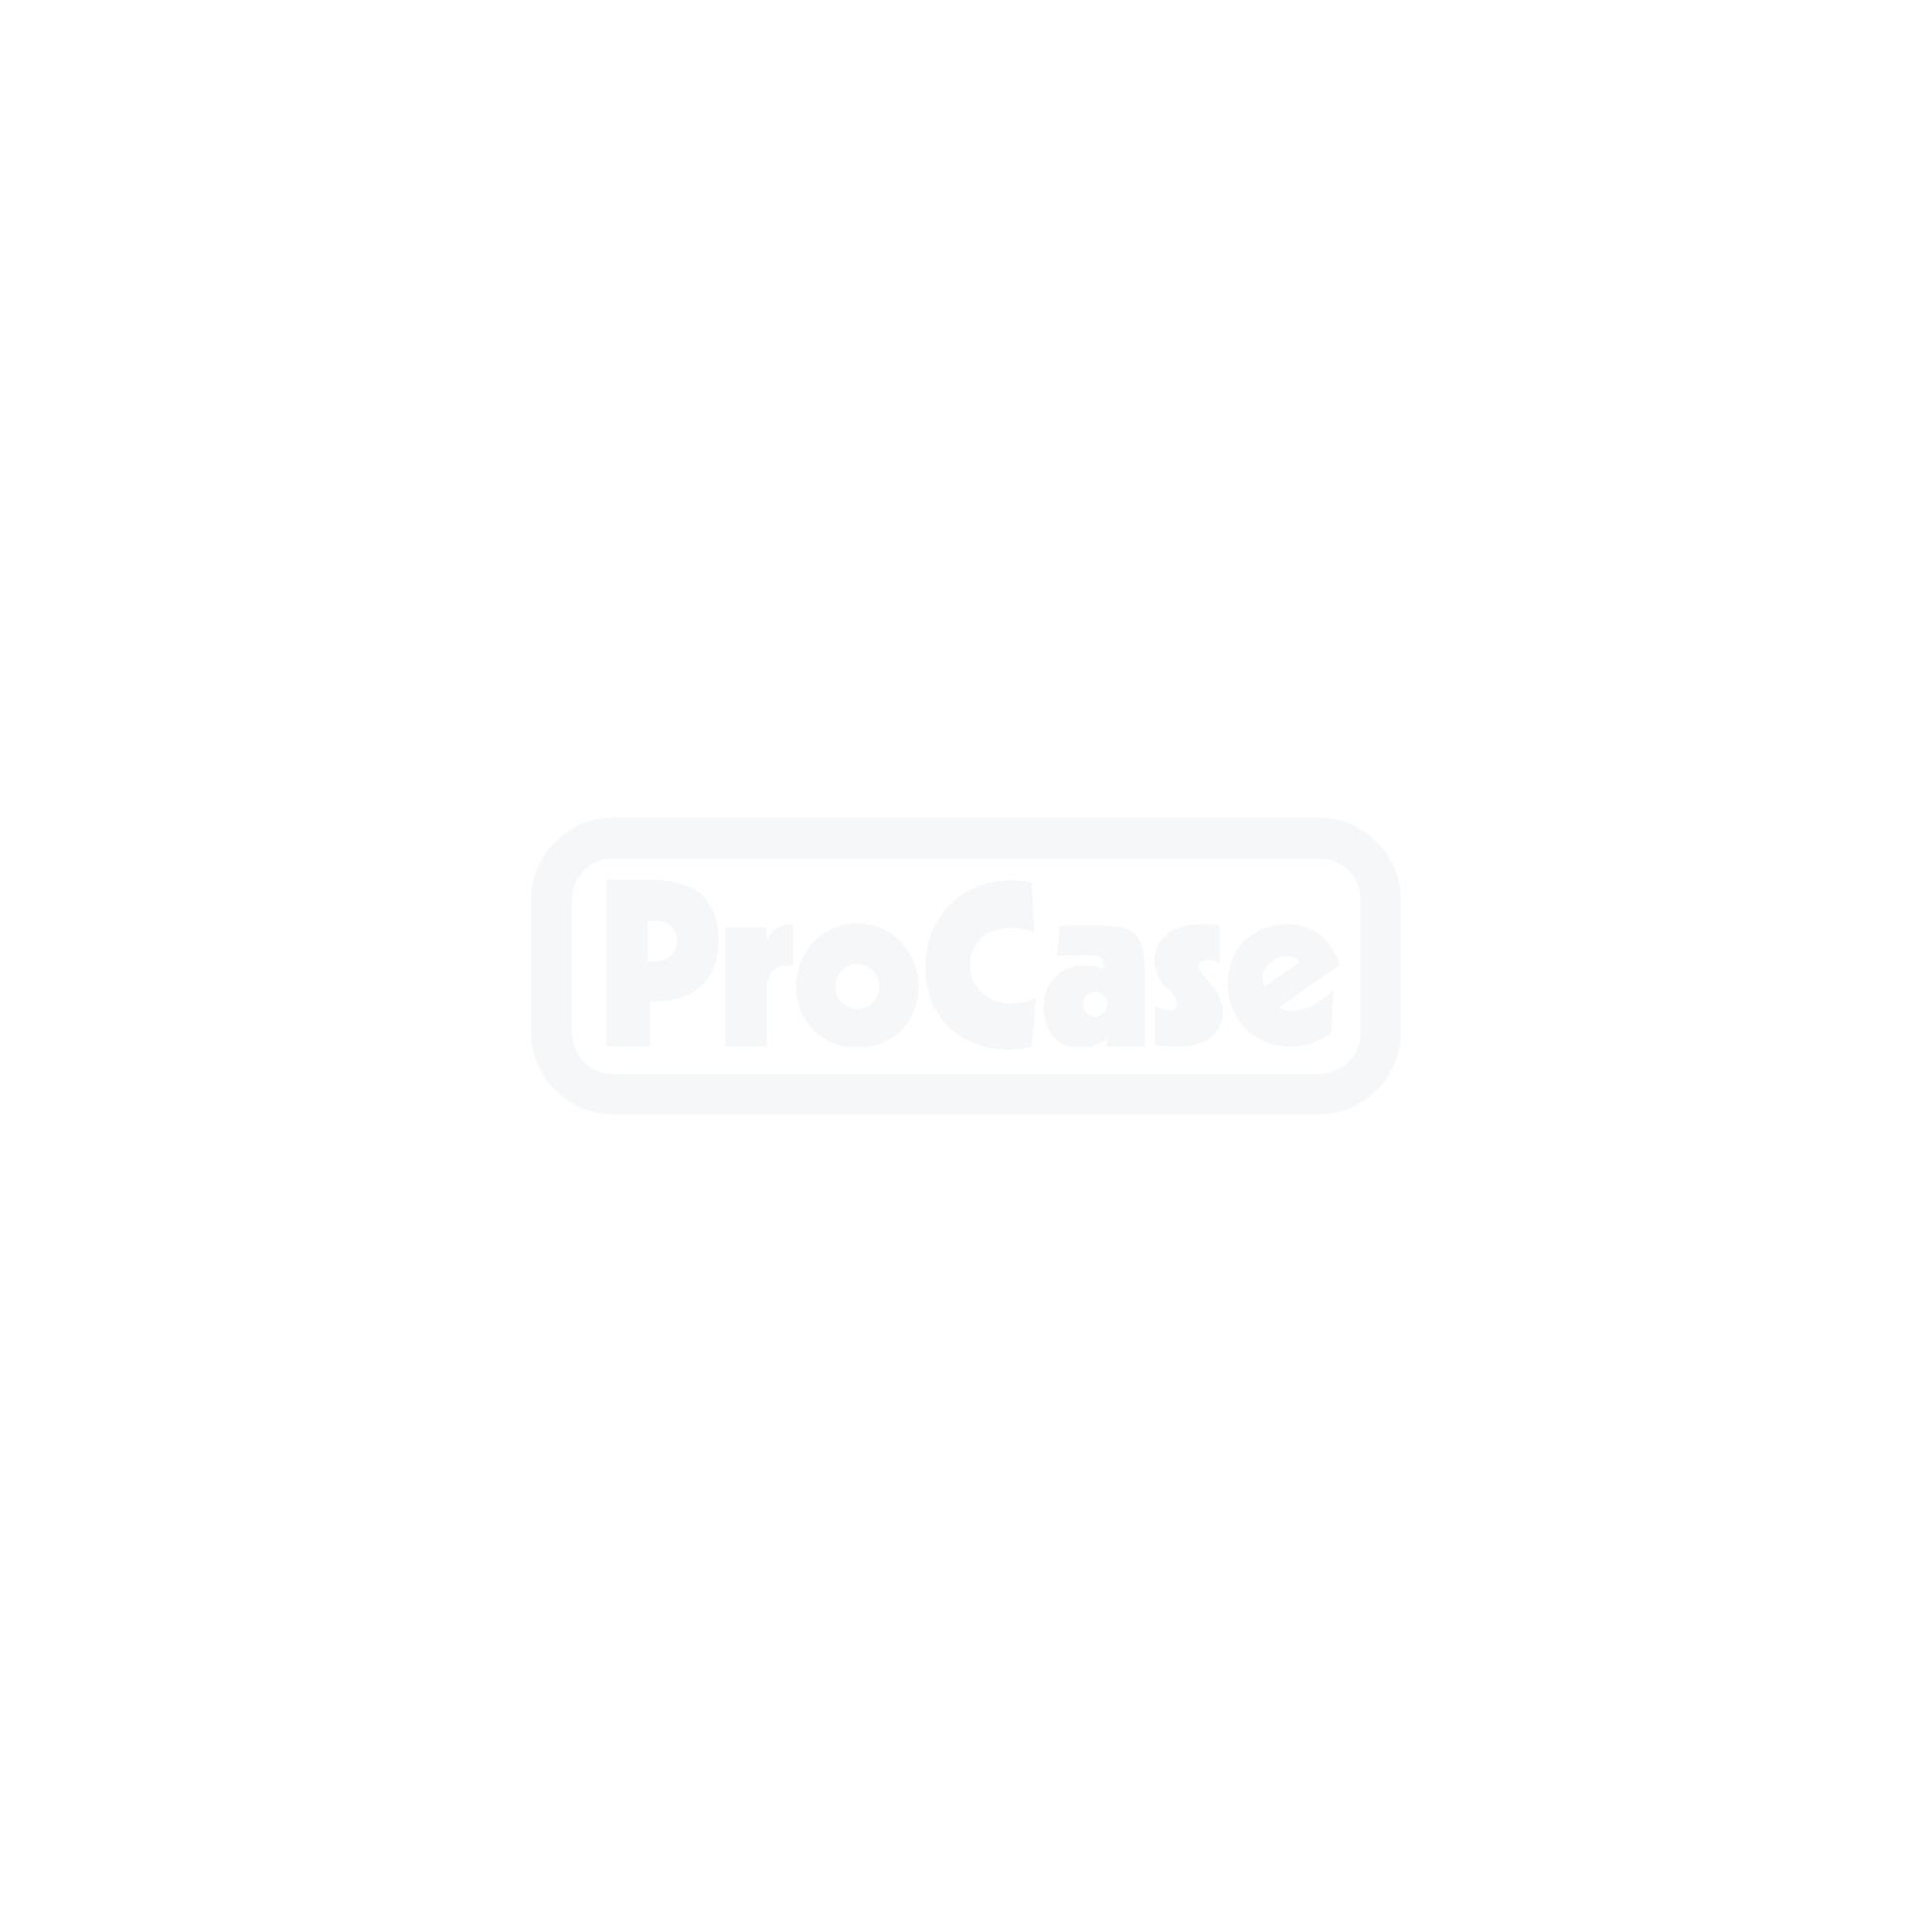 QSD-Rack 12HE 800 mm tief